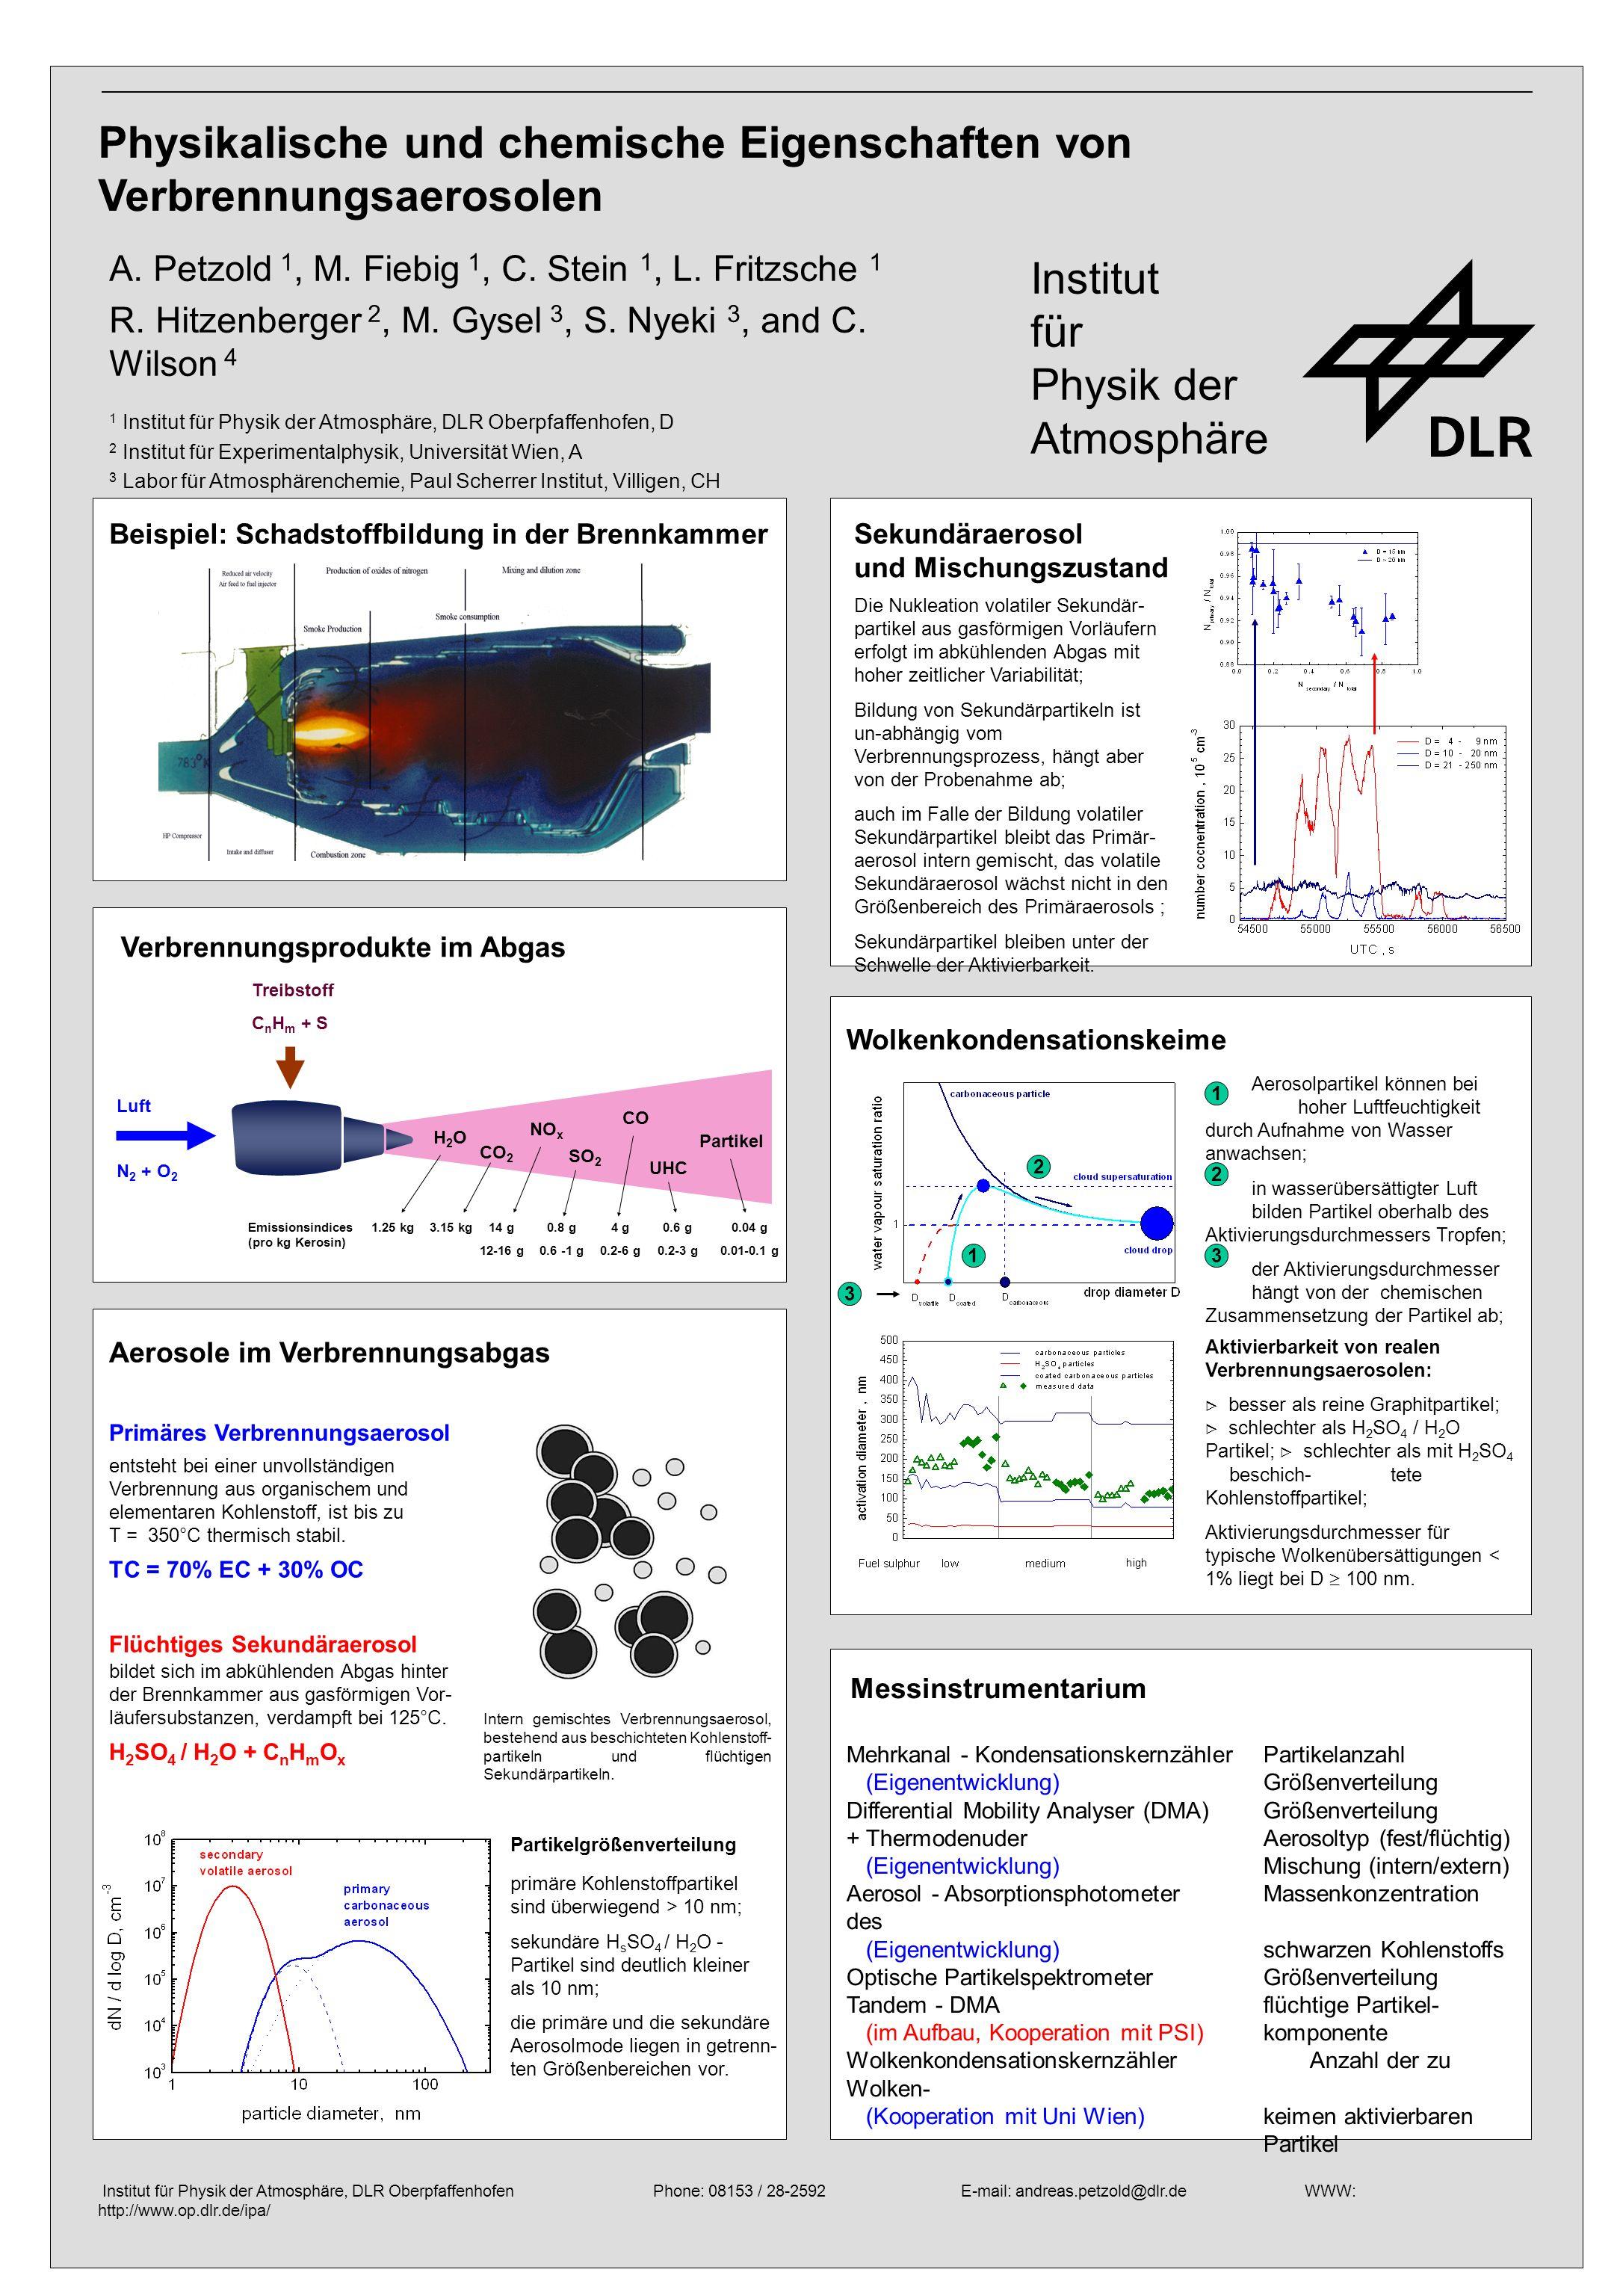 Physikalische und chemische Eigenschaften von Verbrennungsaerosolen